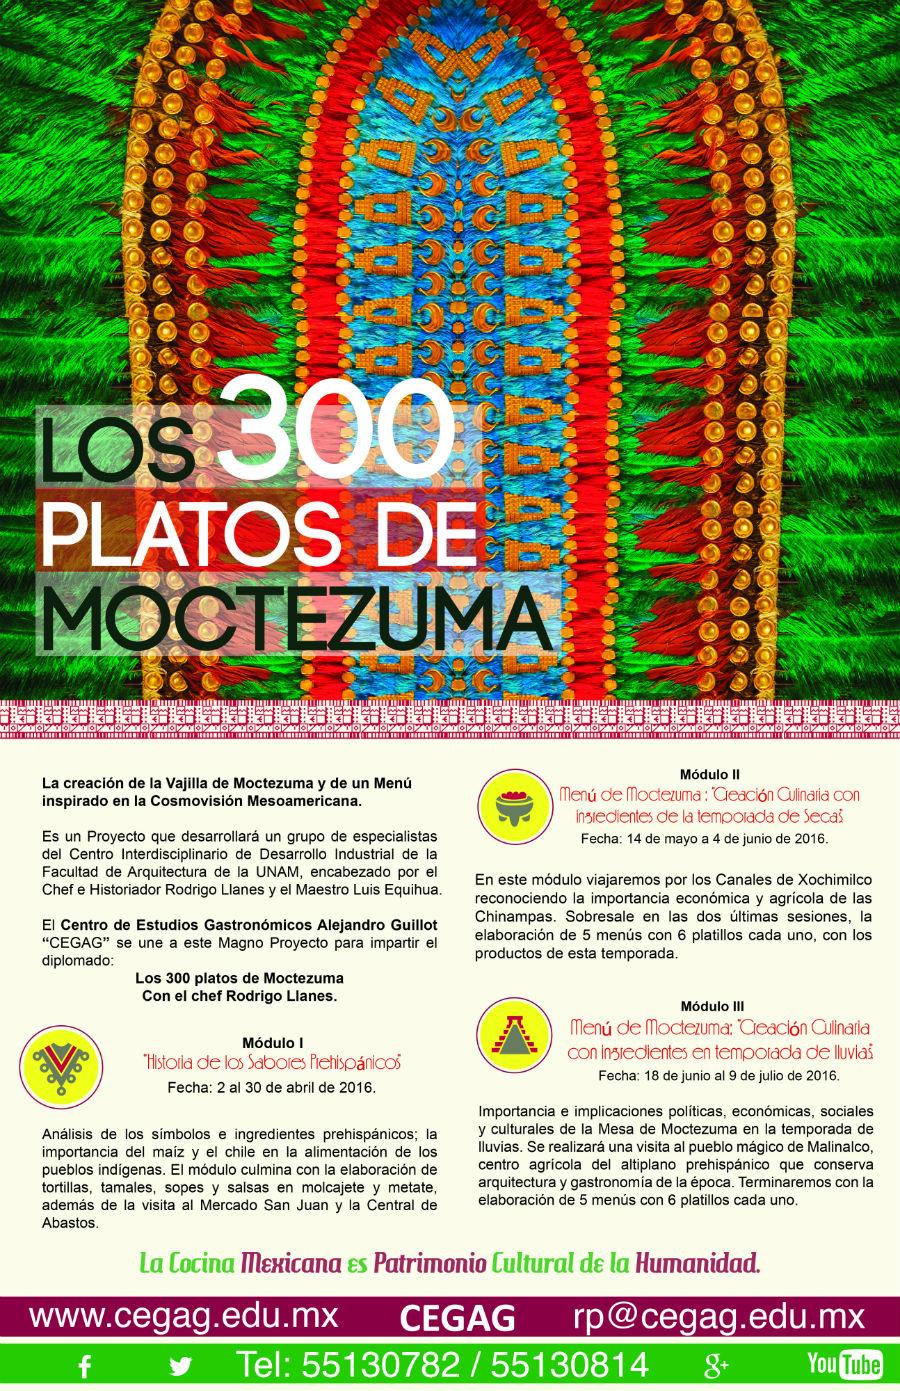 300 platos de moctezuma